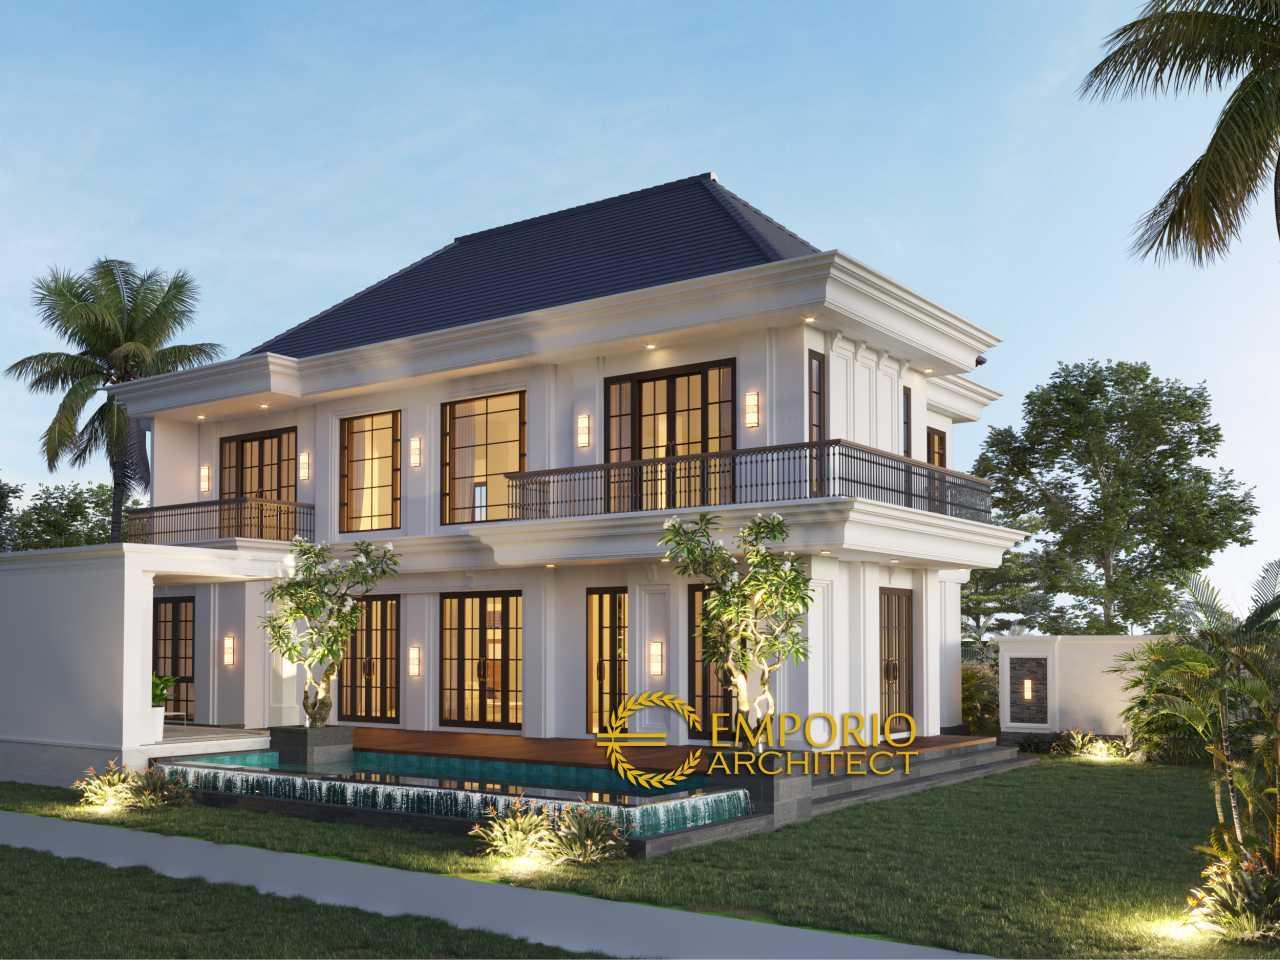 Emporio Architect Jasa Arsitek Bengkulu Desain Rumah Classic 2 Lantai 760 @ Bengkulu Bengkulu, Kota Bengkulu, Bengkulu, Indonesia Bengkulu, Kota Bengkulu, Bengkulu, Indonesia Emporio-Architect-Jasa-Arsitek-Bengkulu-Desain-Rumah-Classic-2-Lantai-760-Bengkulu   87147